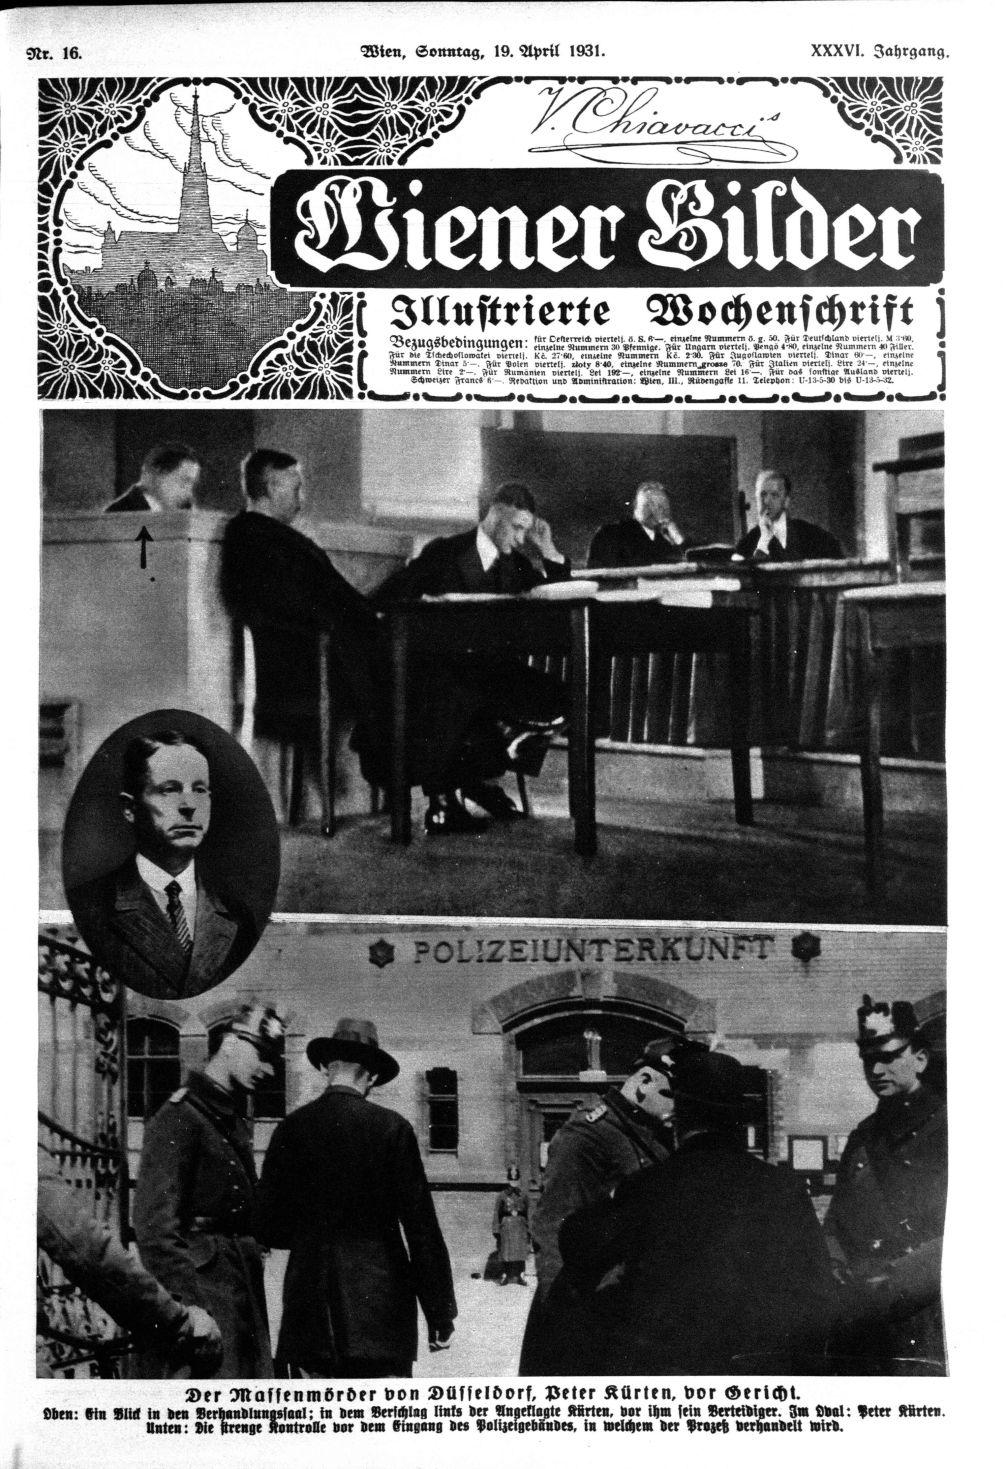 Wienner Bilder, 19 kwietnia 1931